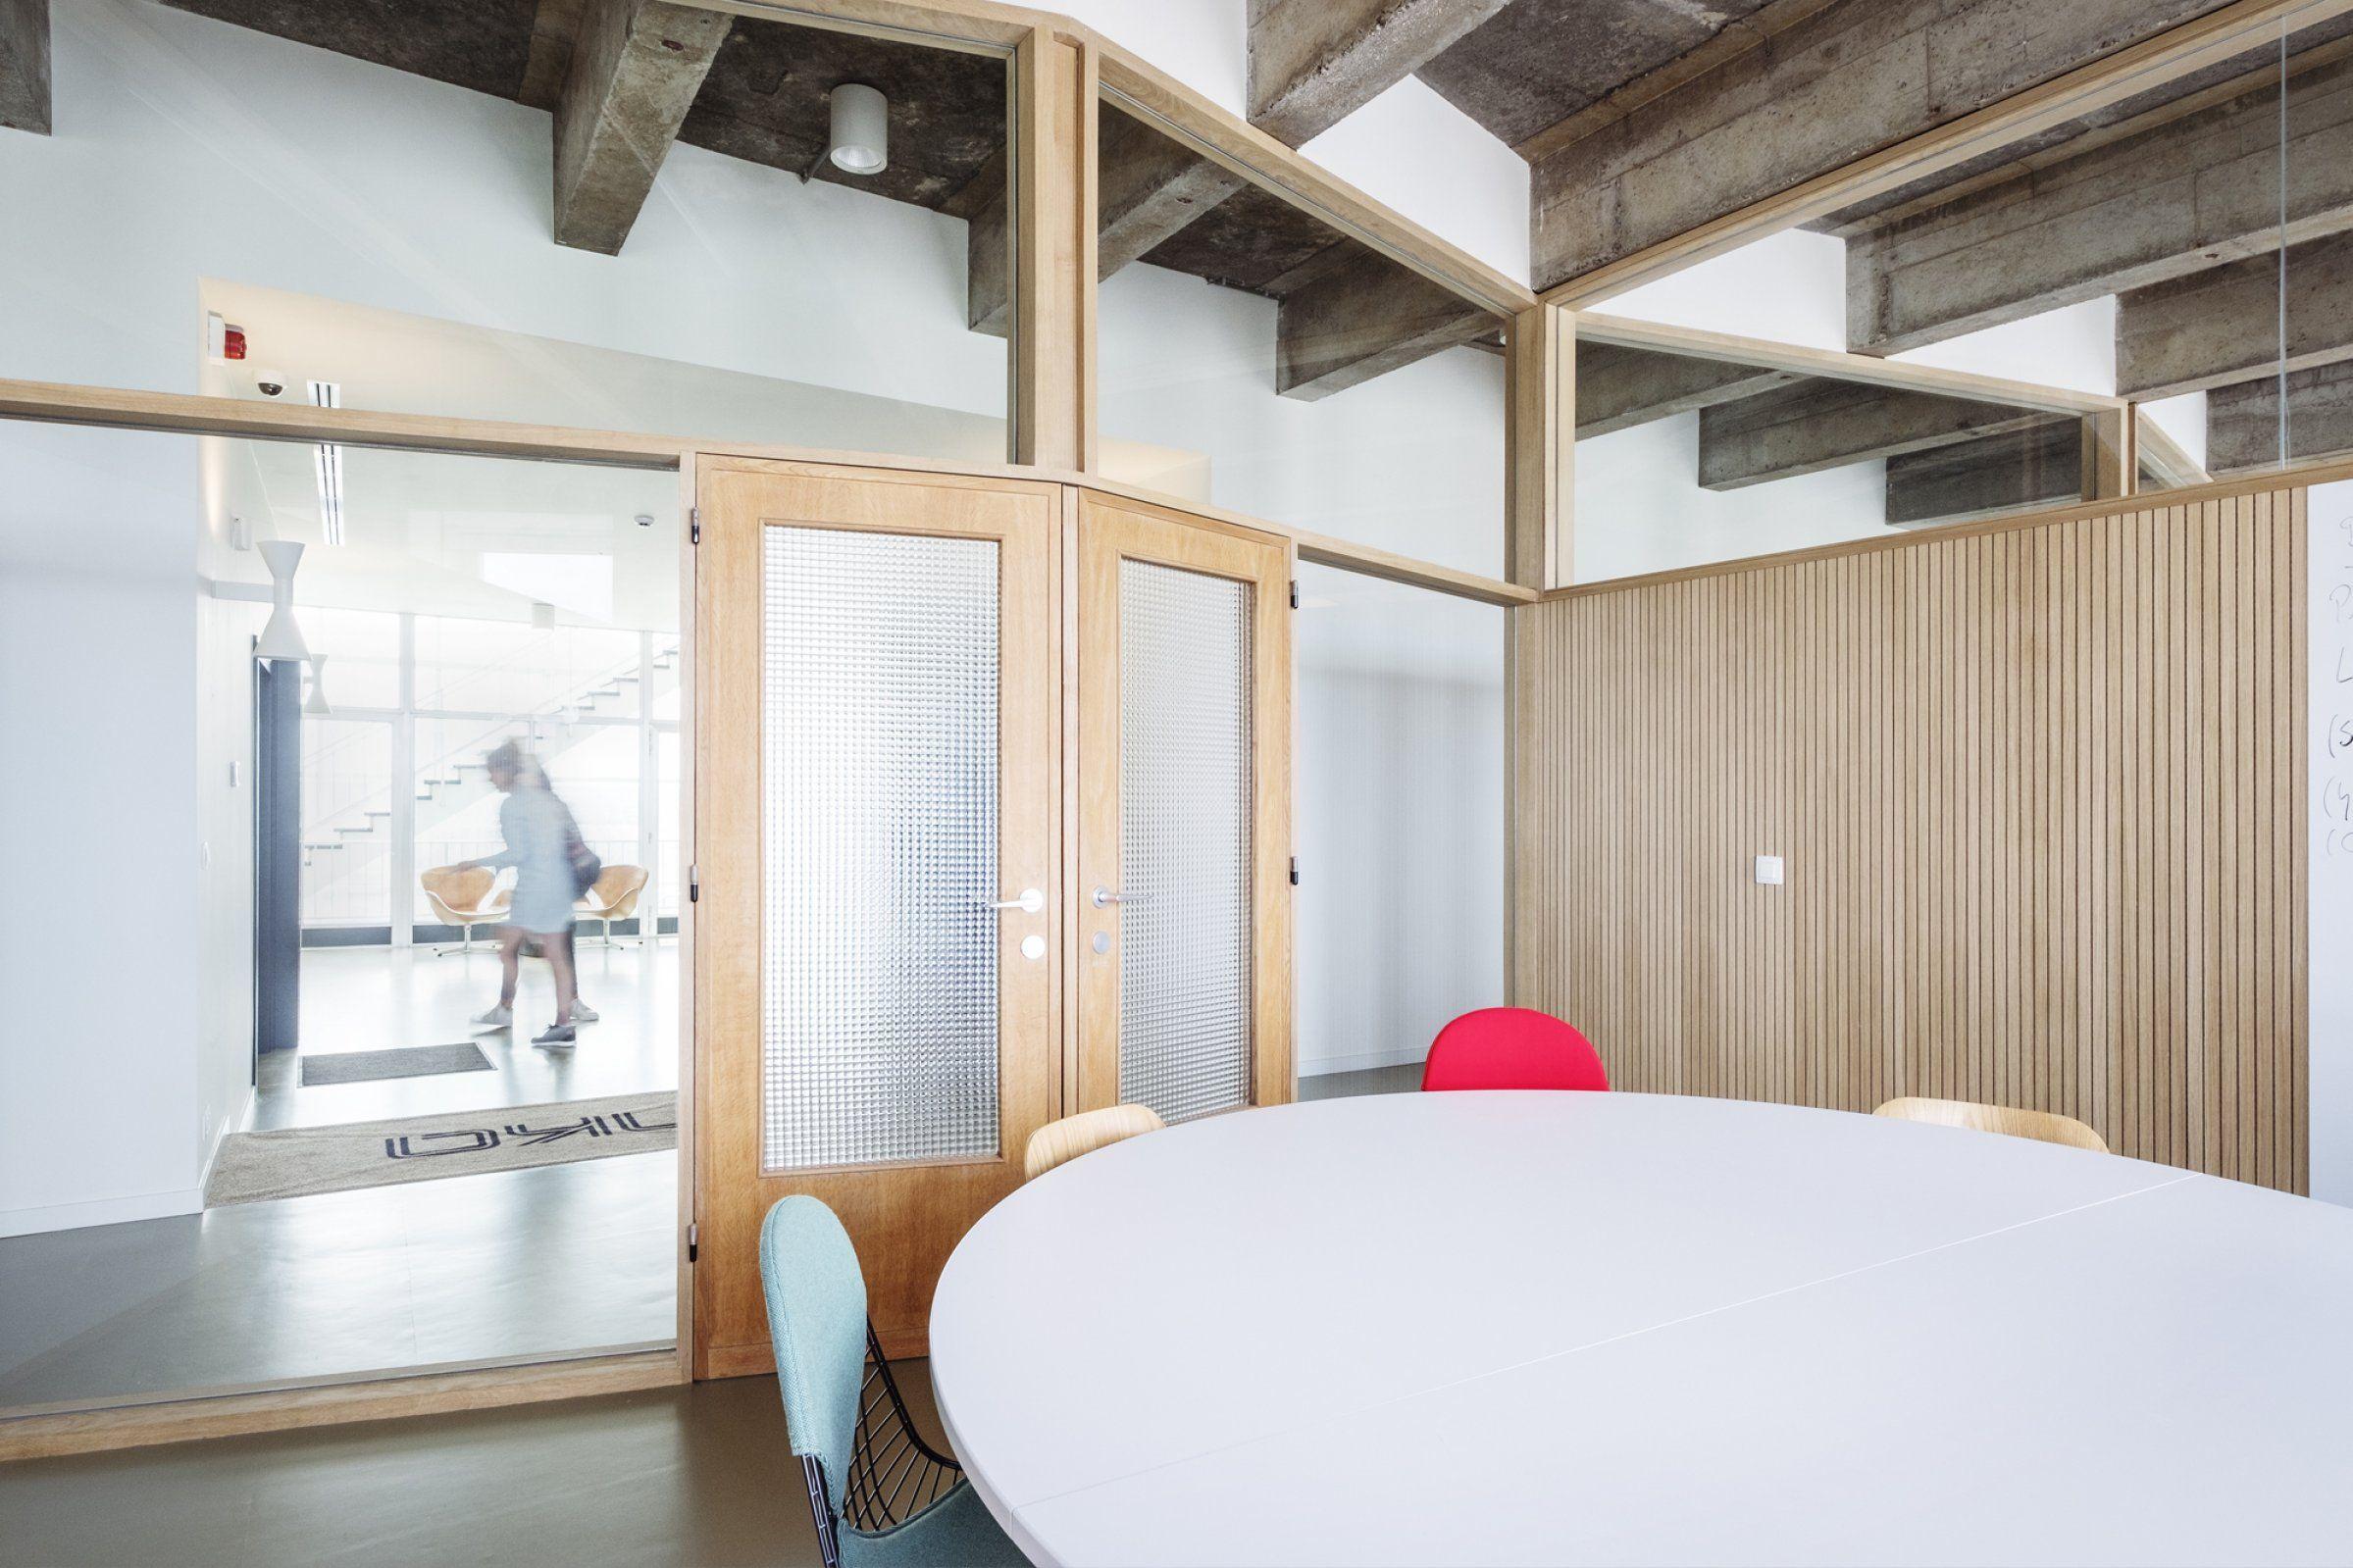 Kantoor panenka bulk houten scheidingswanden met bovenlichten